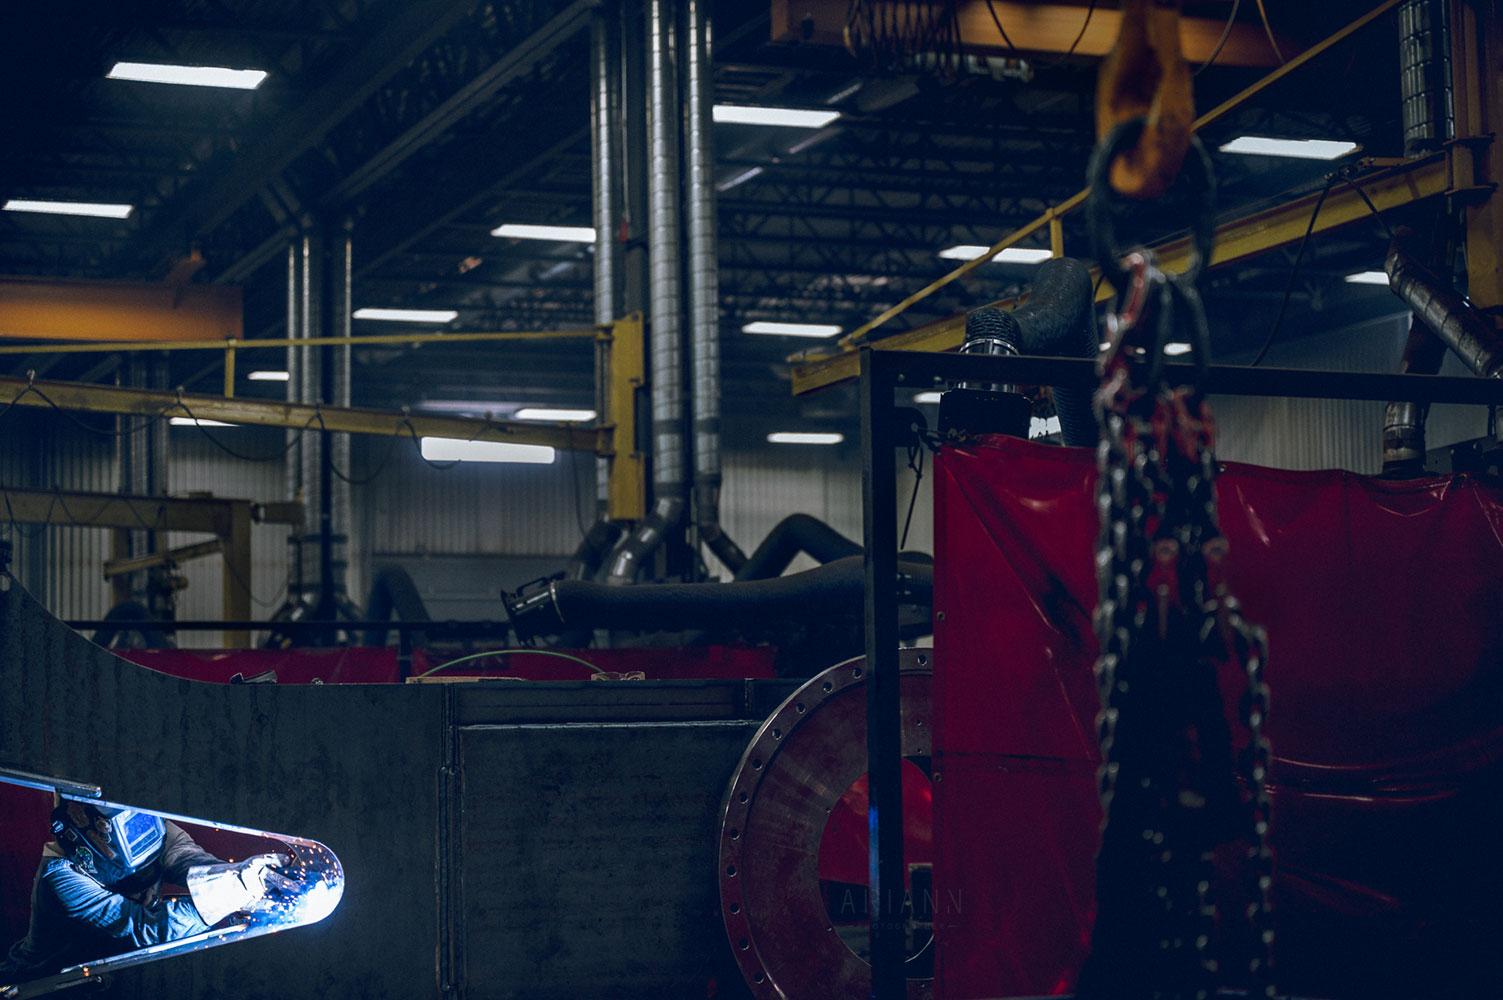 photographie d'usine